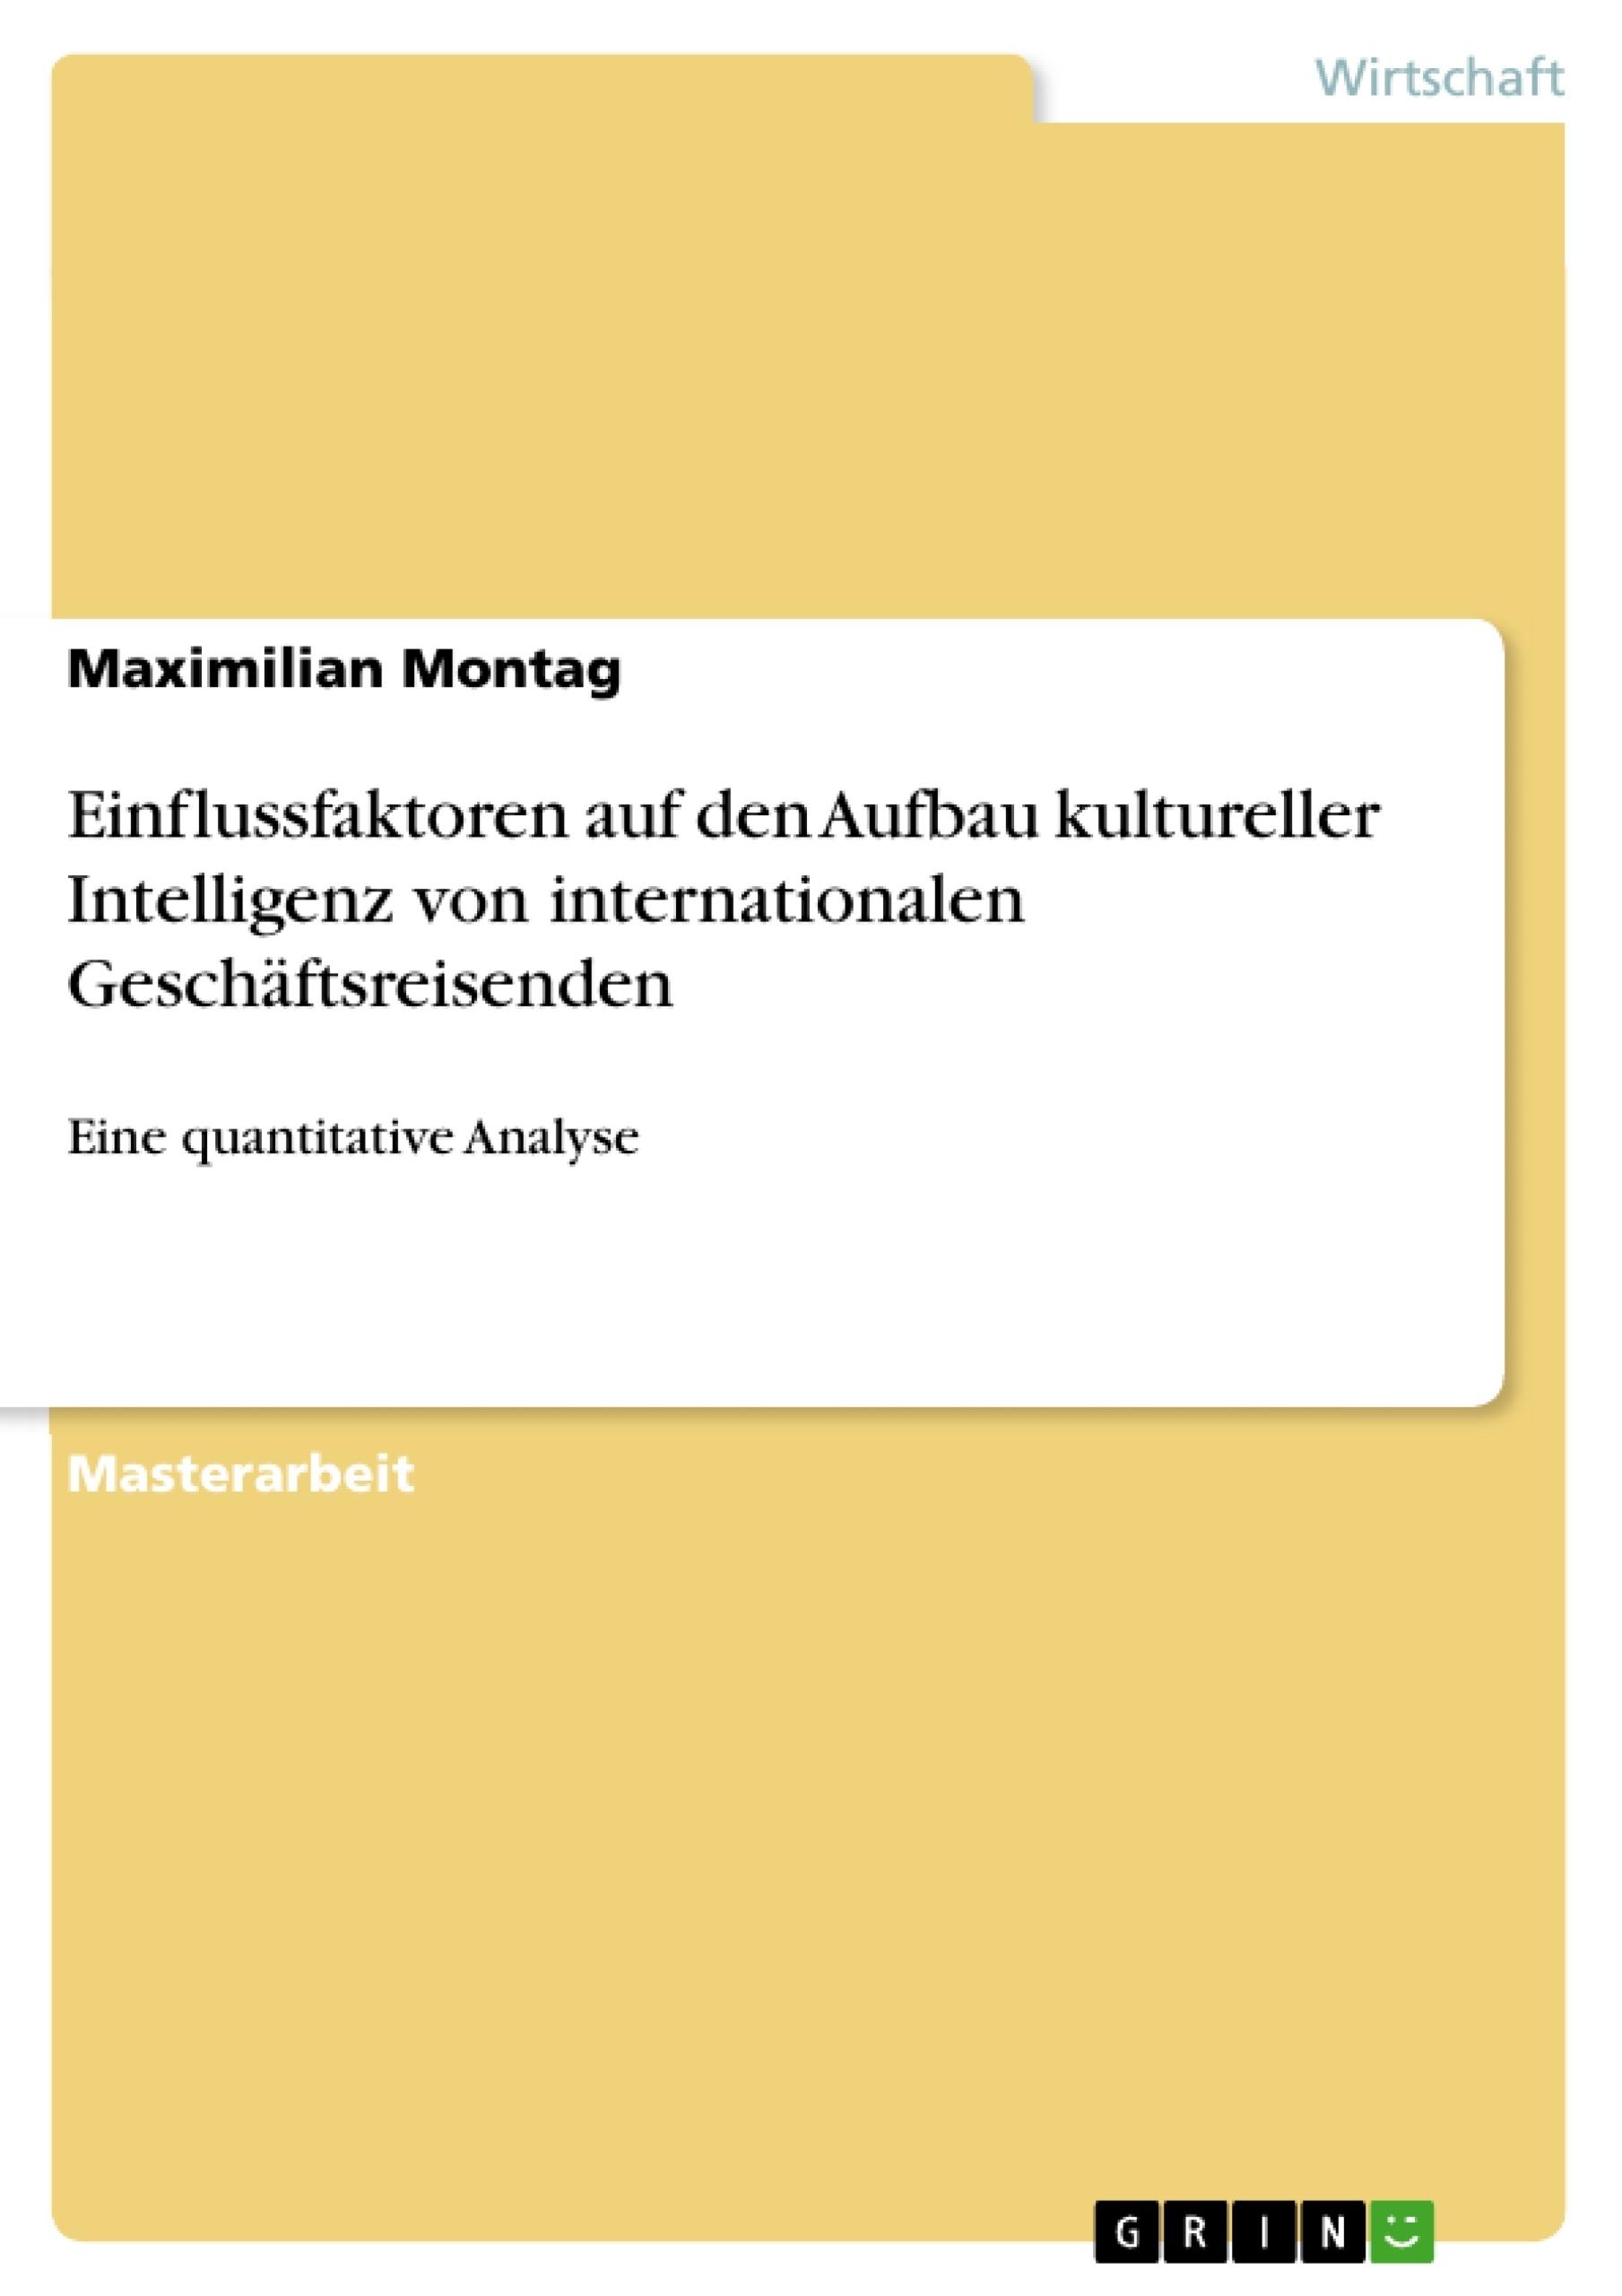 Titel: Einflussfaktoren auf den Aufbau kultureller Intelligenz von internationalen Geschäftsreisenden